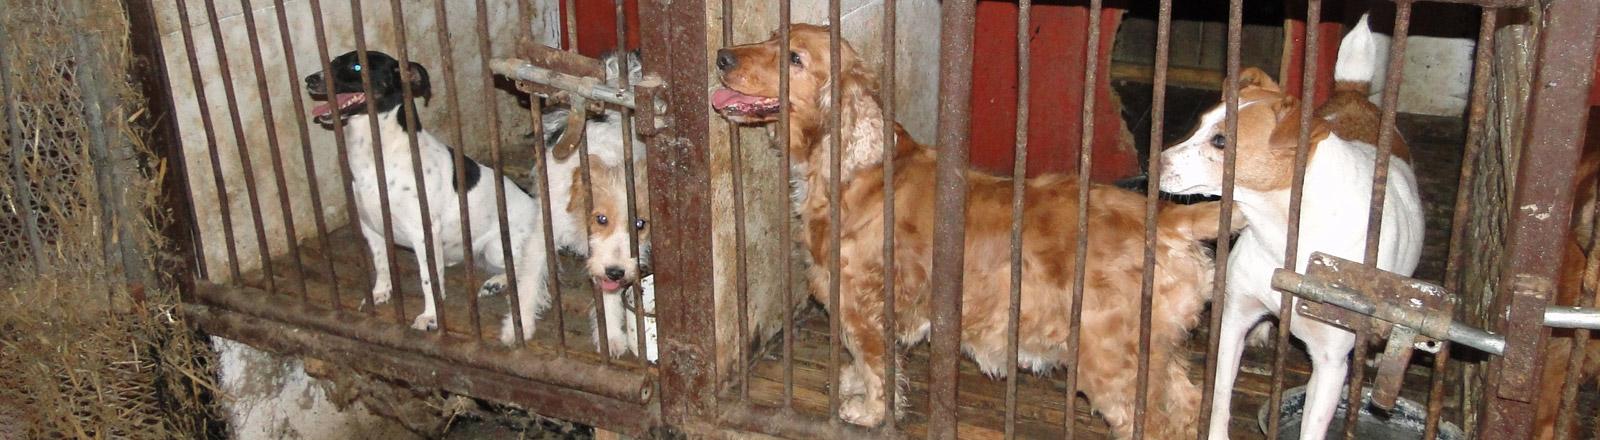 Mehrere Hunde in einem Käfig mit Gittertür